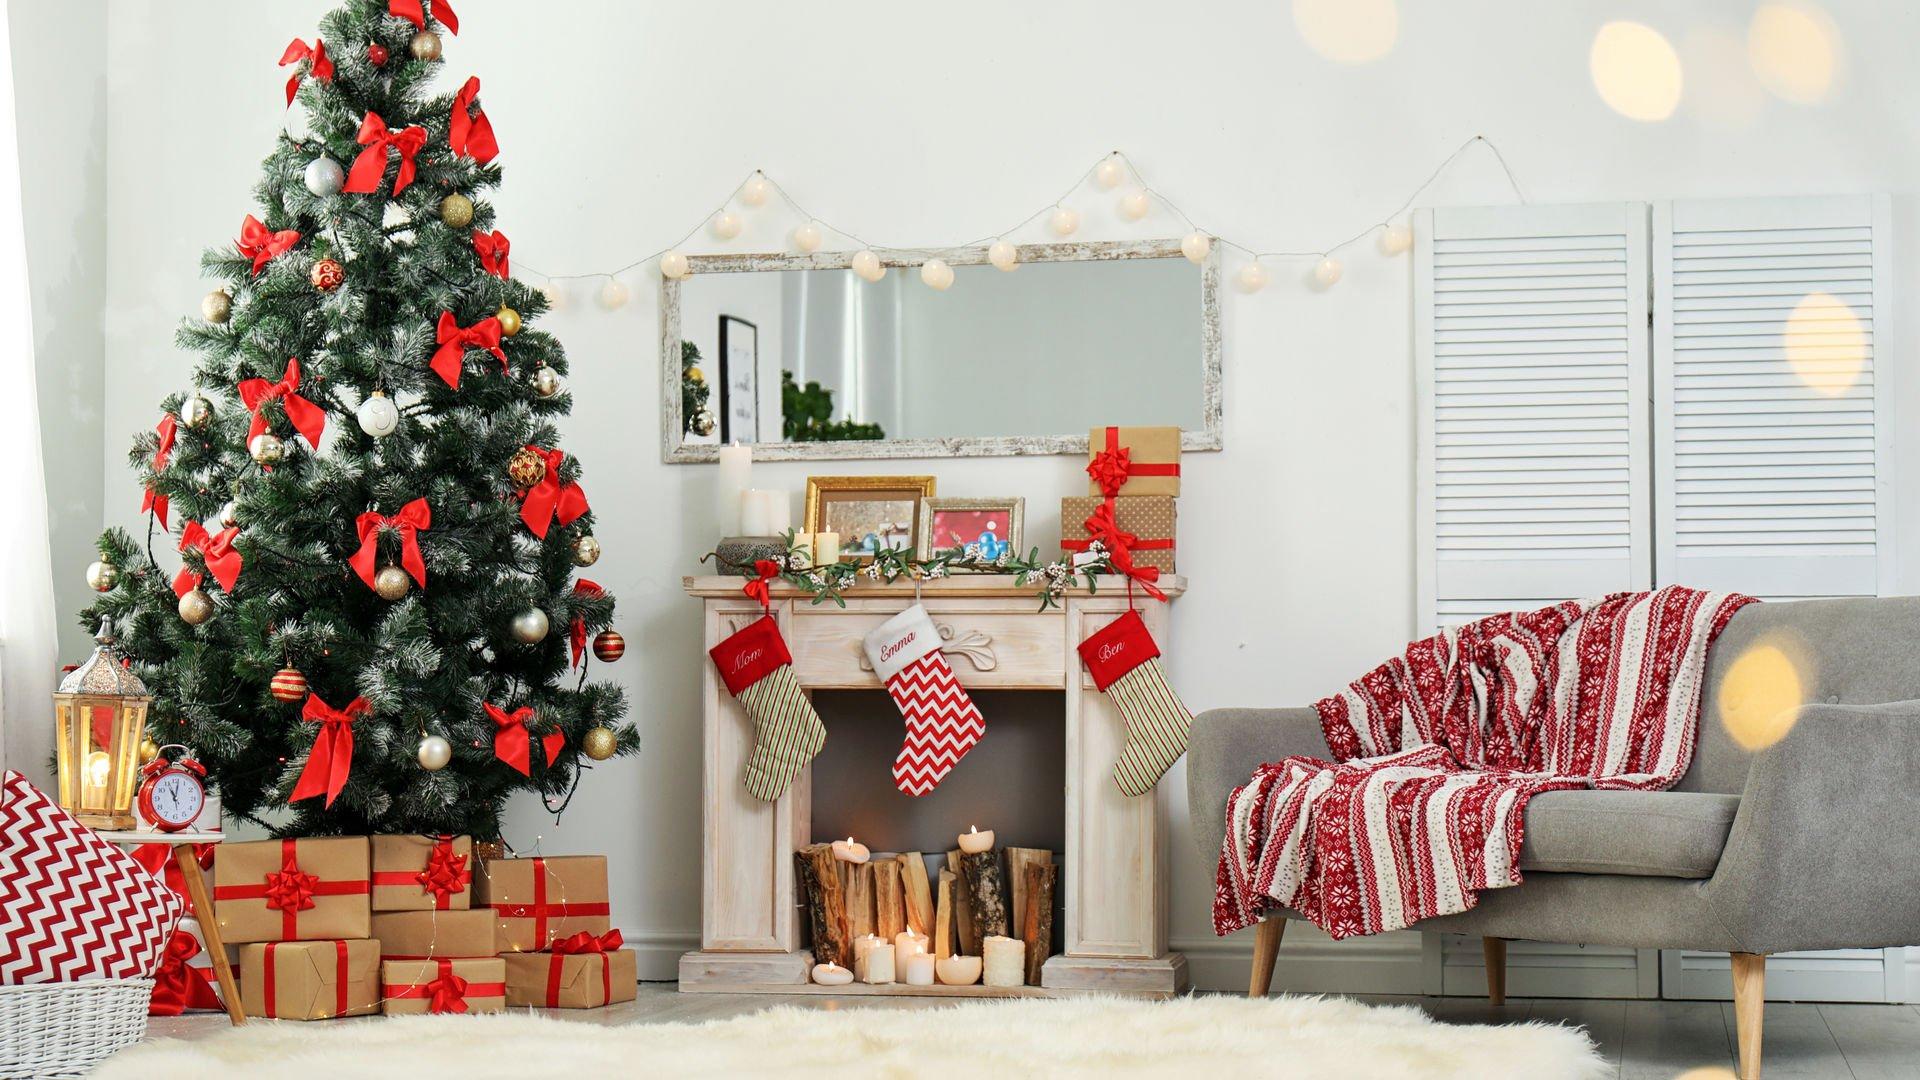 Yeni yıl kırmızısı dekorasyonda nerede ve nasıl kullanılır?